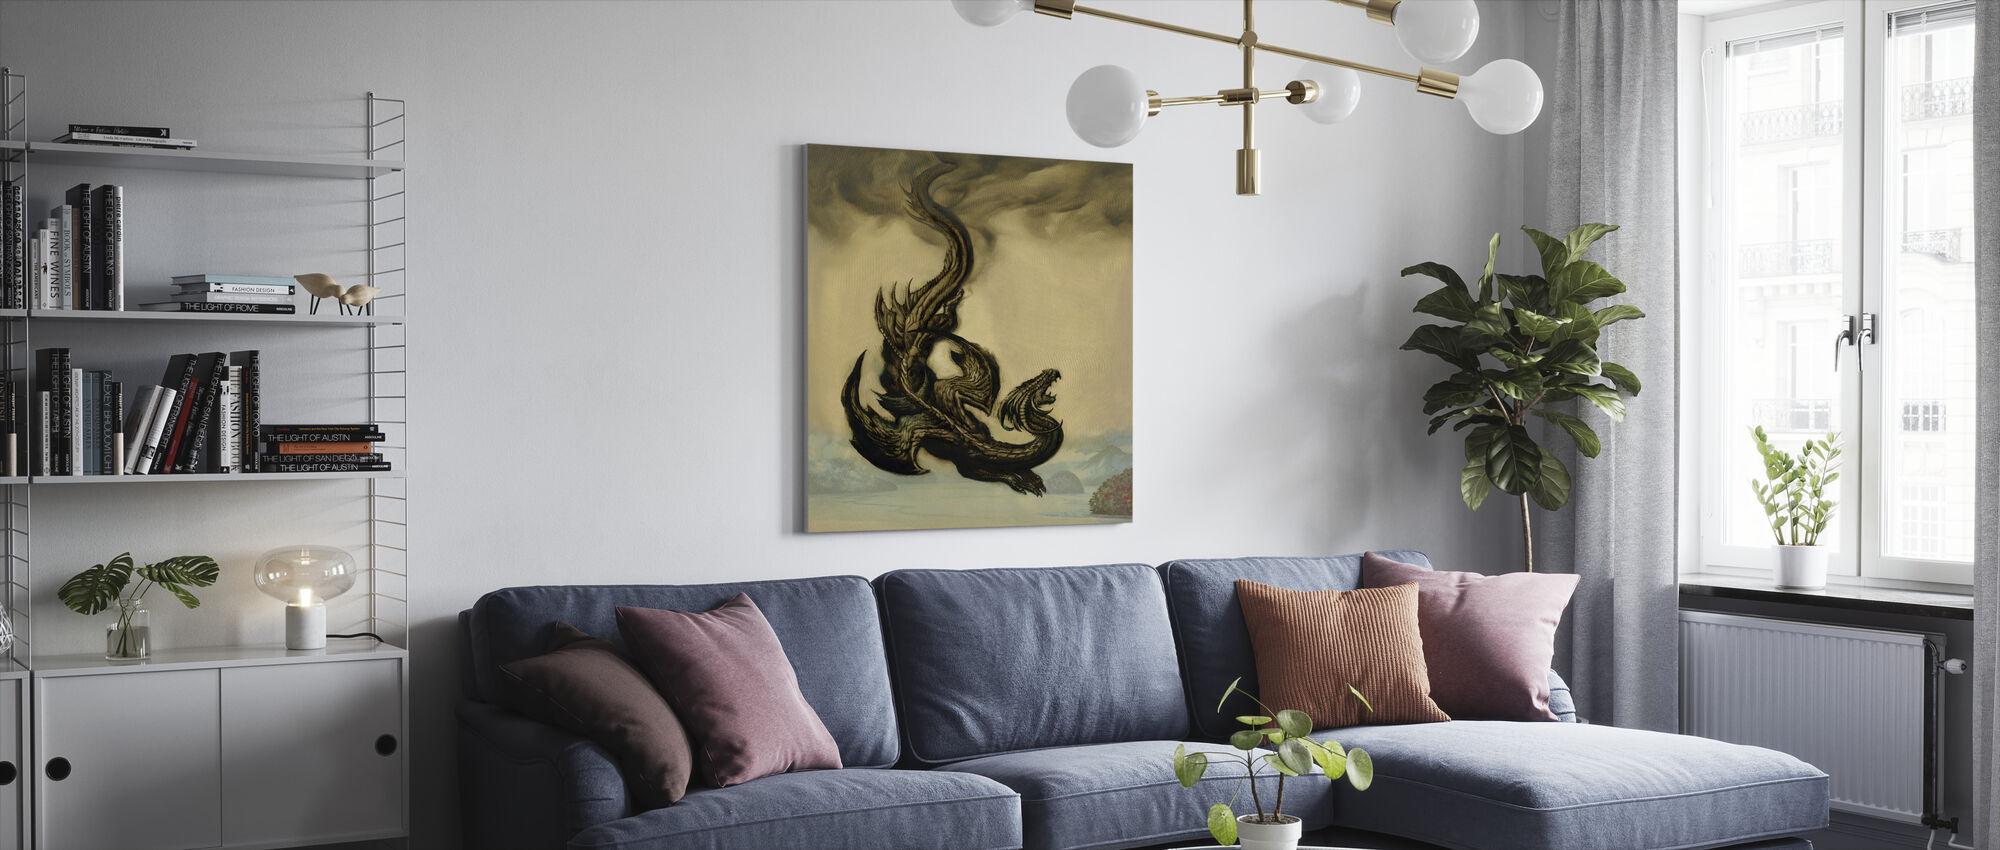 Bolt - Canvas print - Living Room